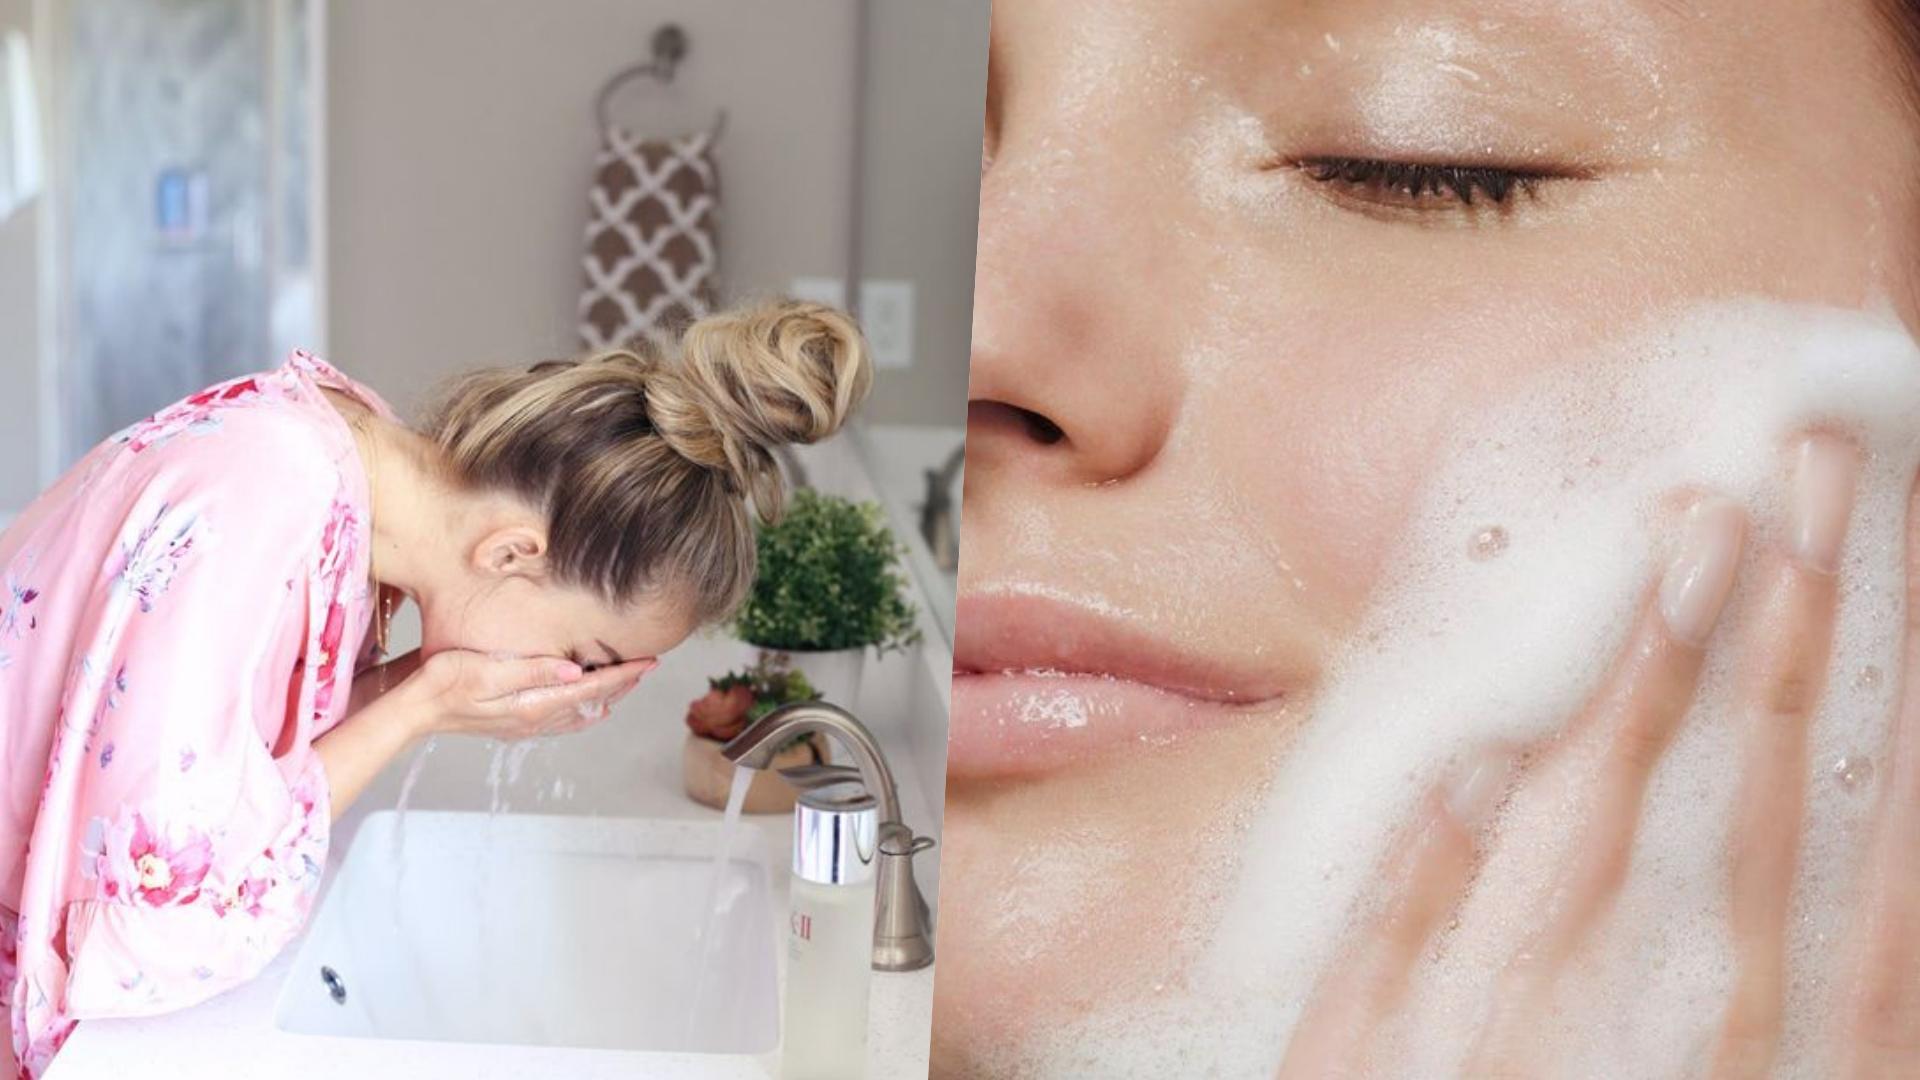 洗臉的水溫和力道都不能太過,不然反而會傷害肌膚。